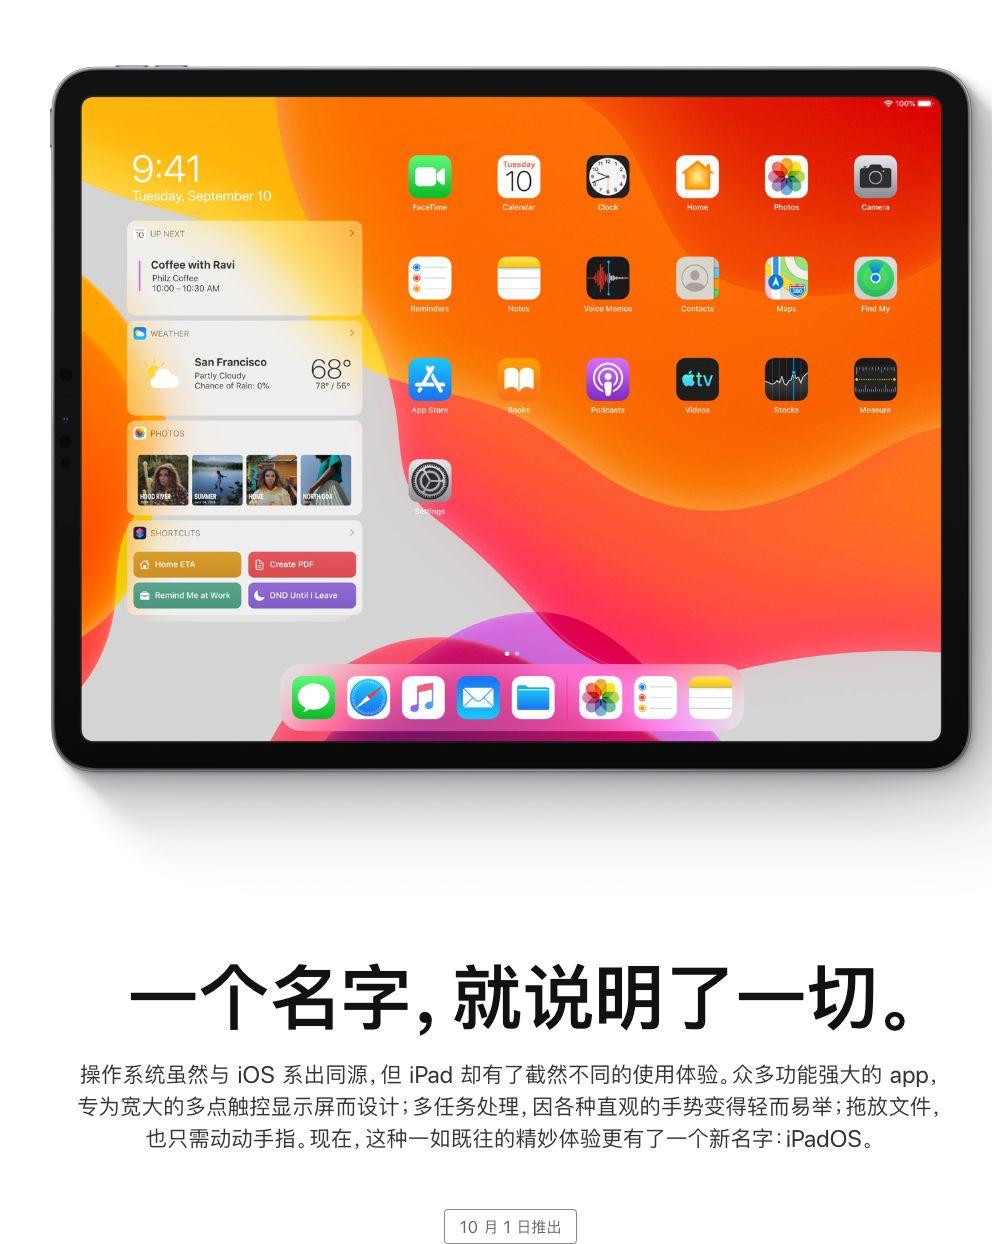 iPadOS将于10月1日正式推送,这8大功能亮点告诉你值不值得升